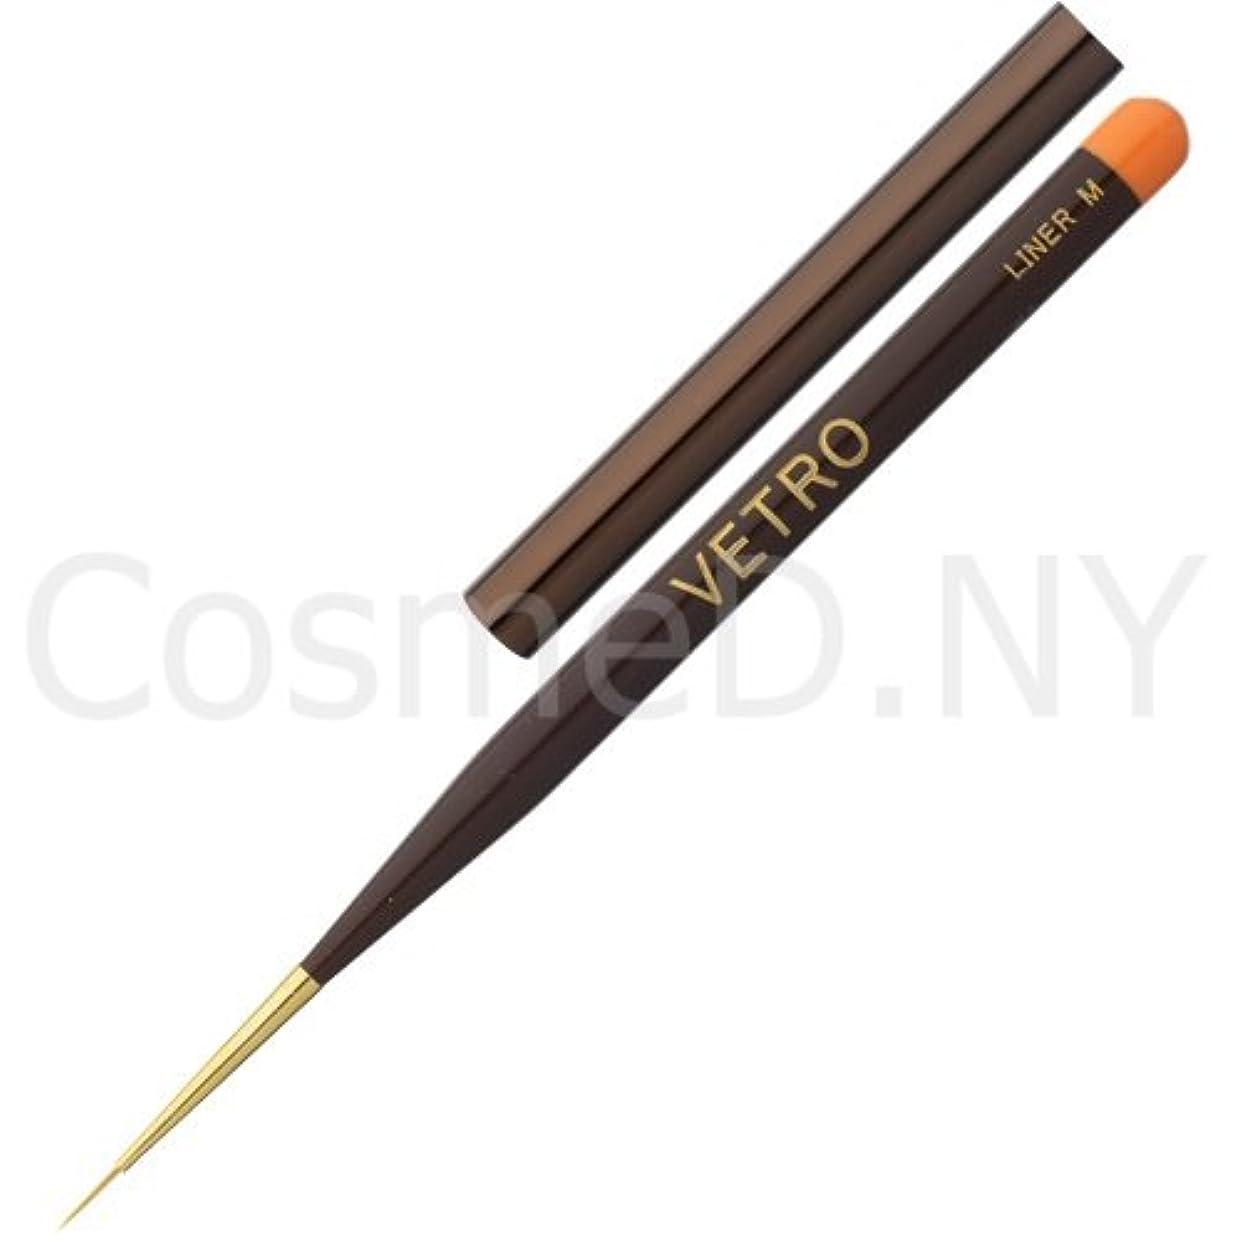 滞在温度計明るくするVETRO ジェルブラシ ライナーM 全長:15.2cm ブラシ縦9mm ブラシキャップ付